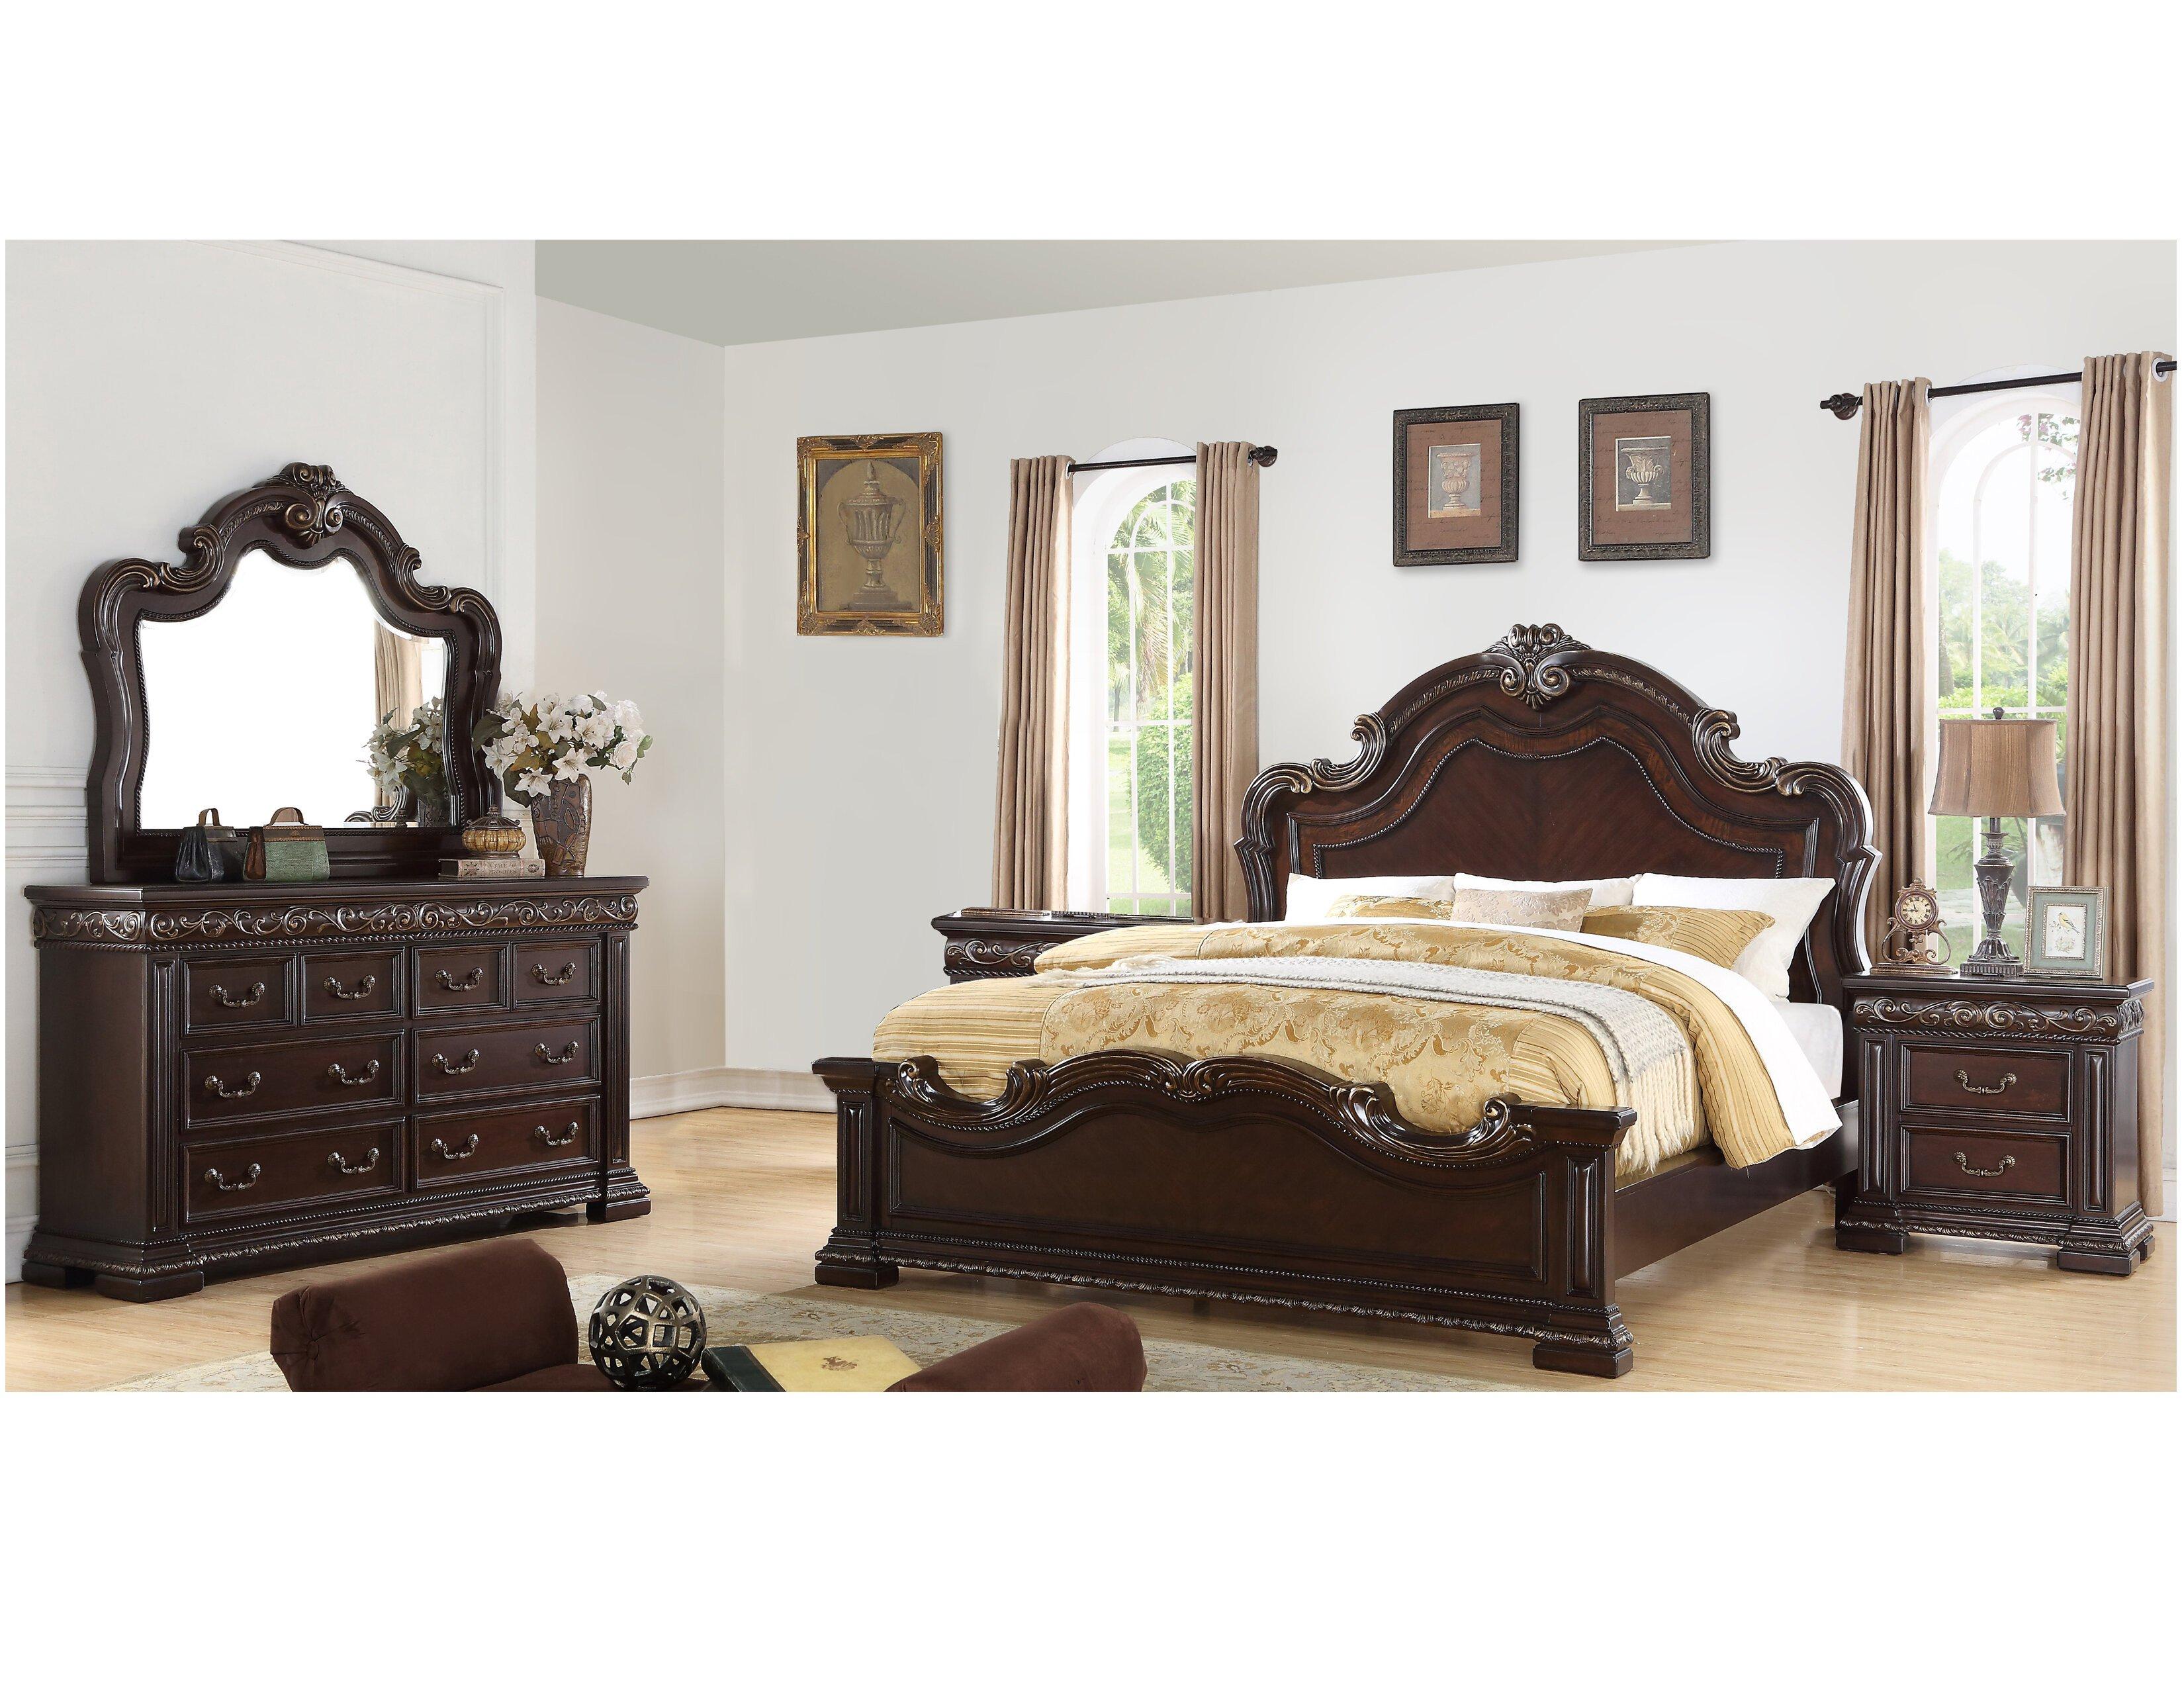 6 Piece Queen Bedroom Set Lovely Bannruod Standard solid Wood 5 Piece Bedroom Set